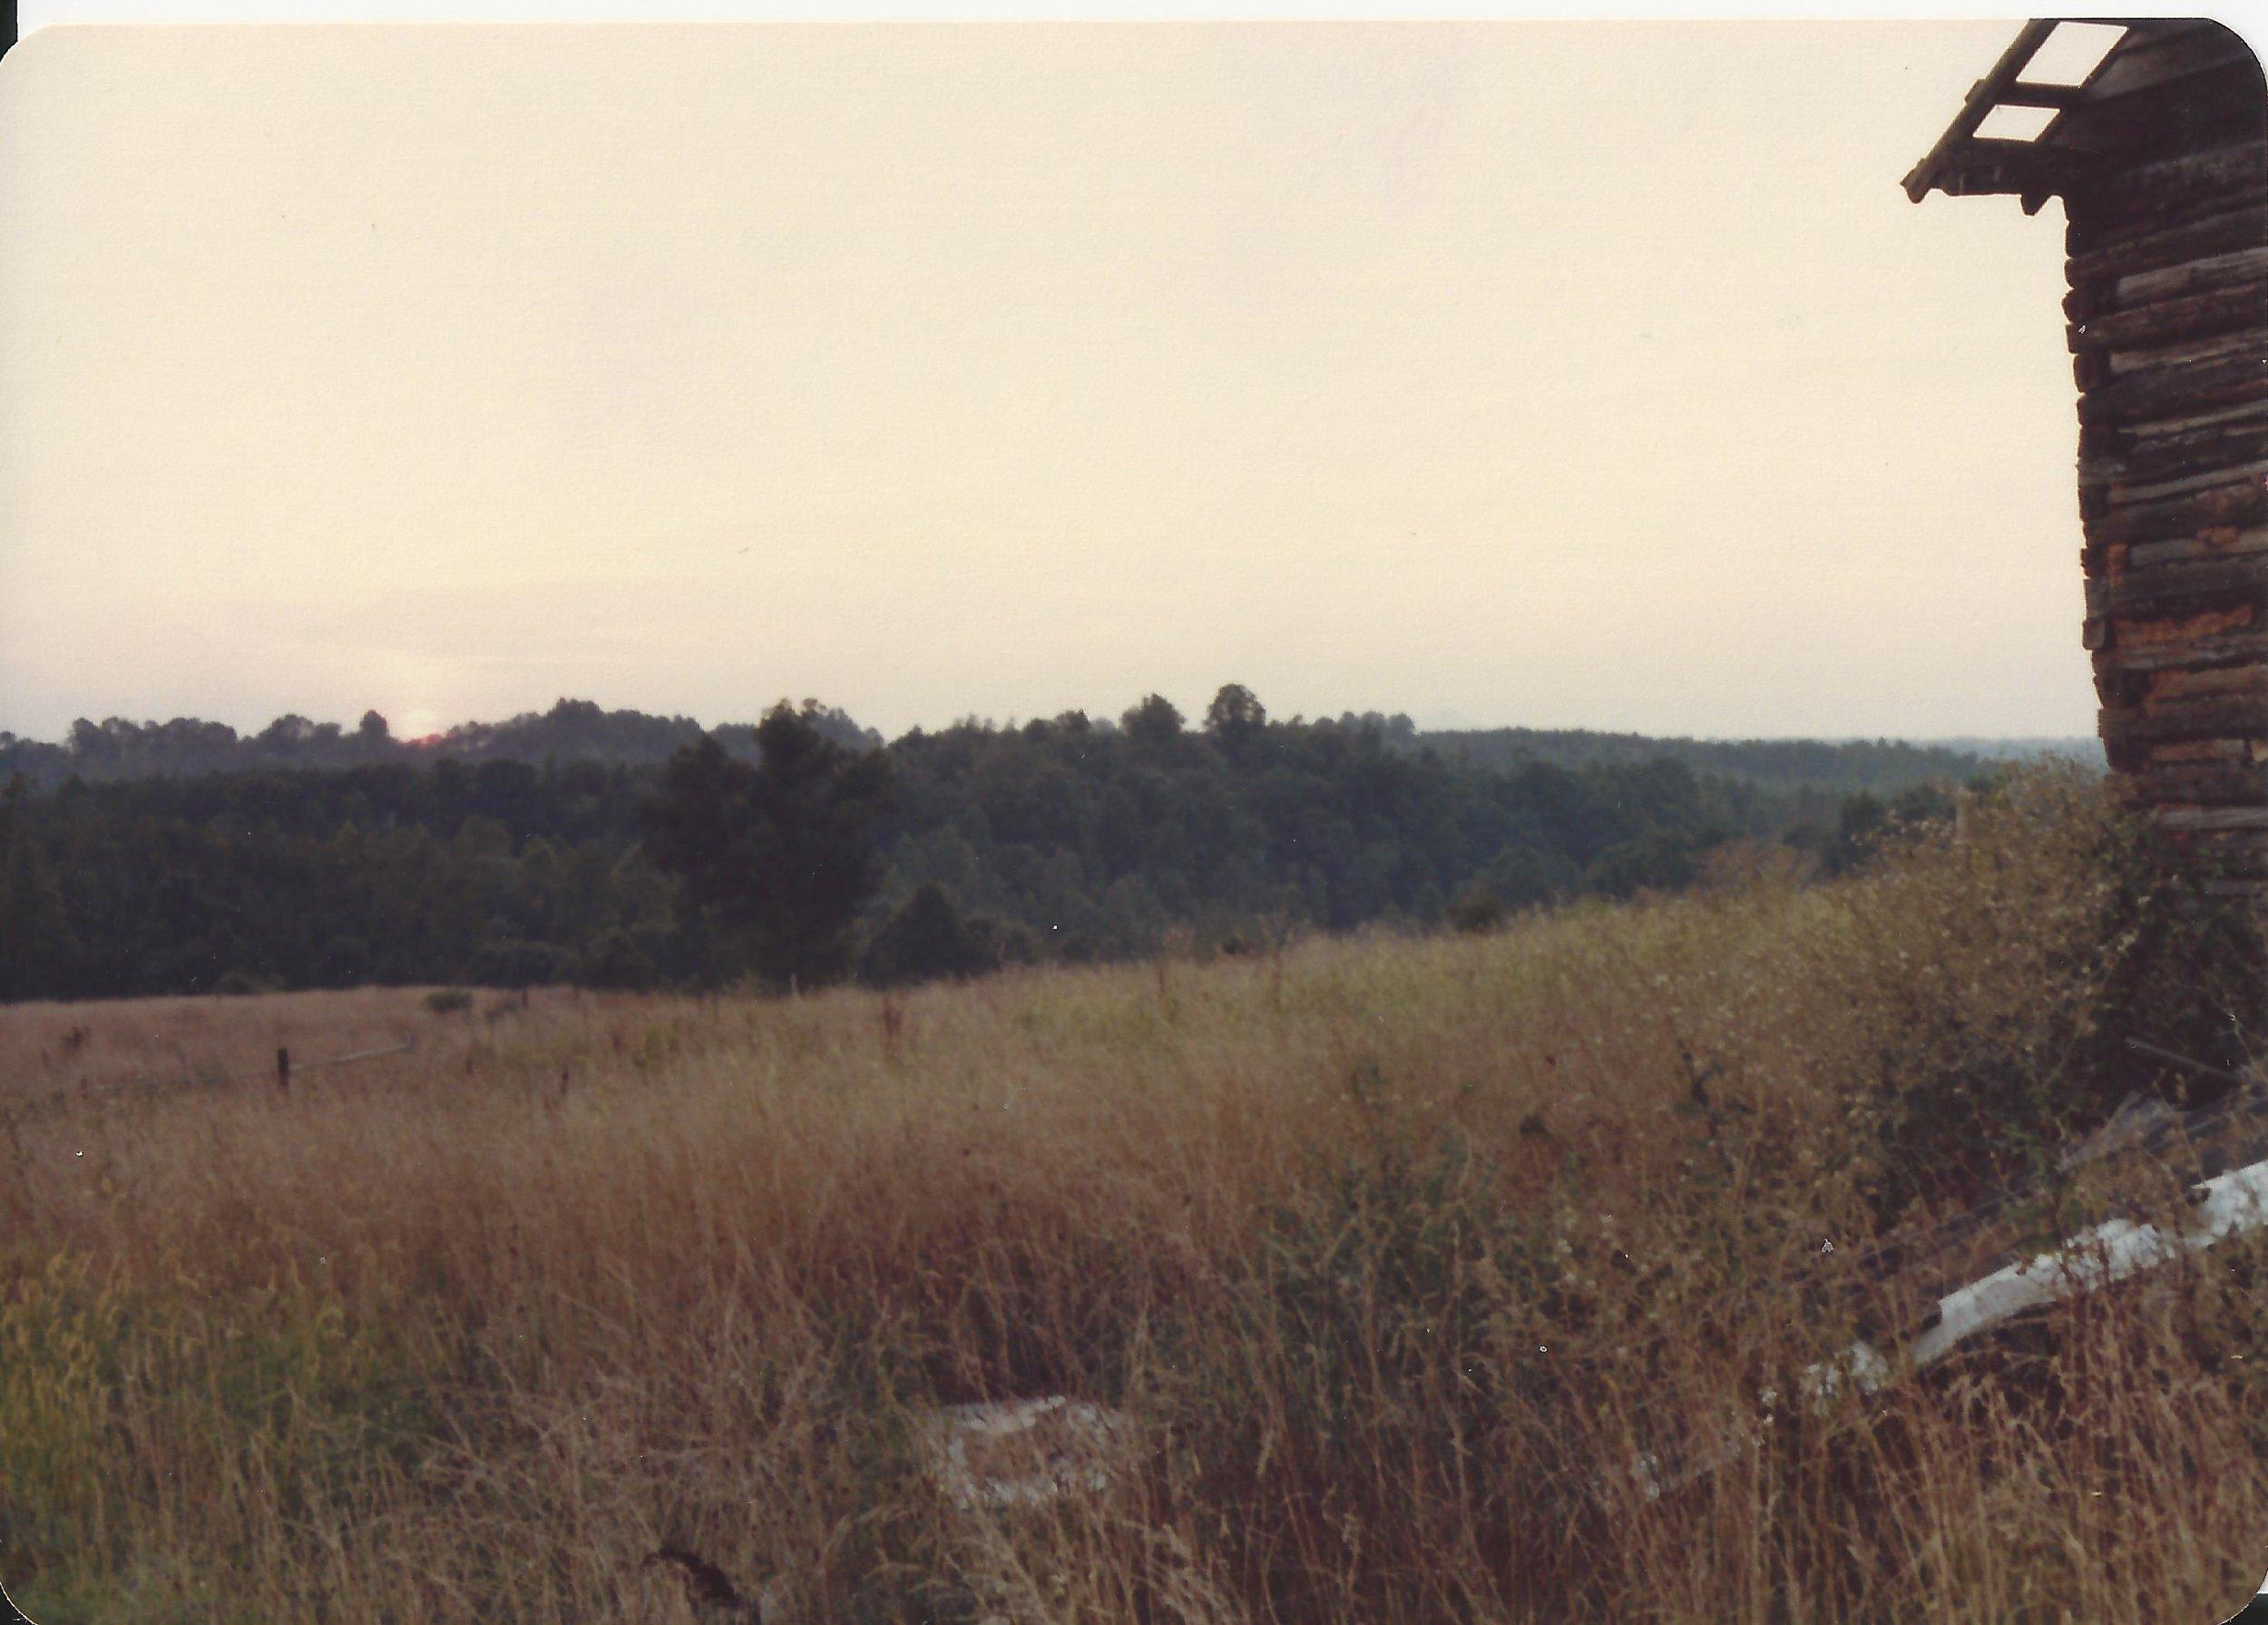 Farm view in 1980's